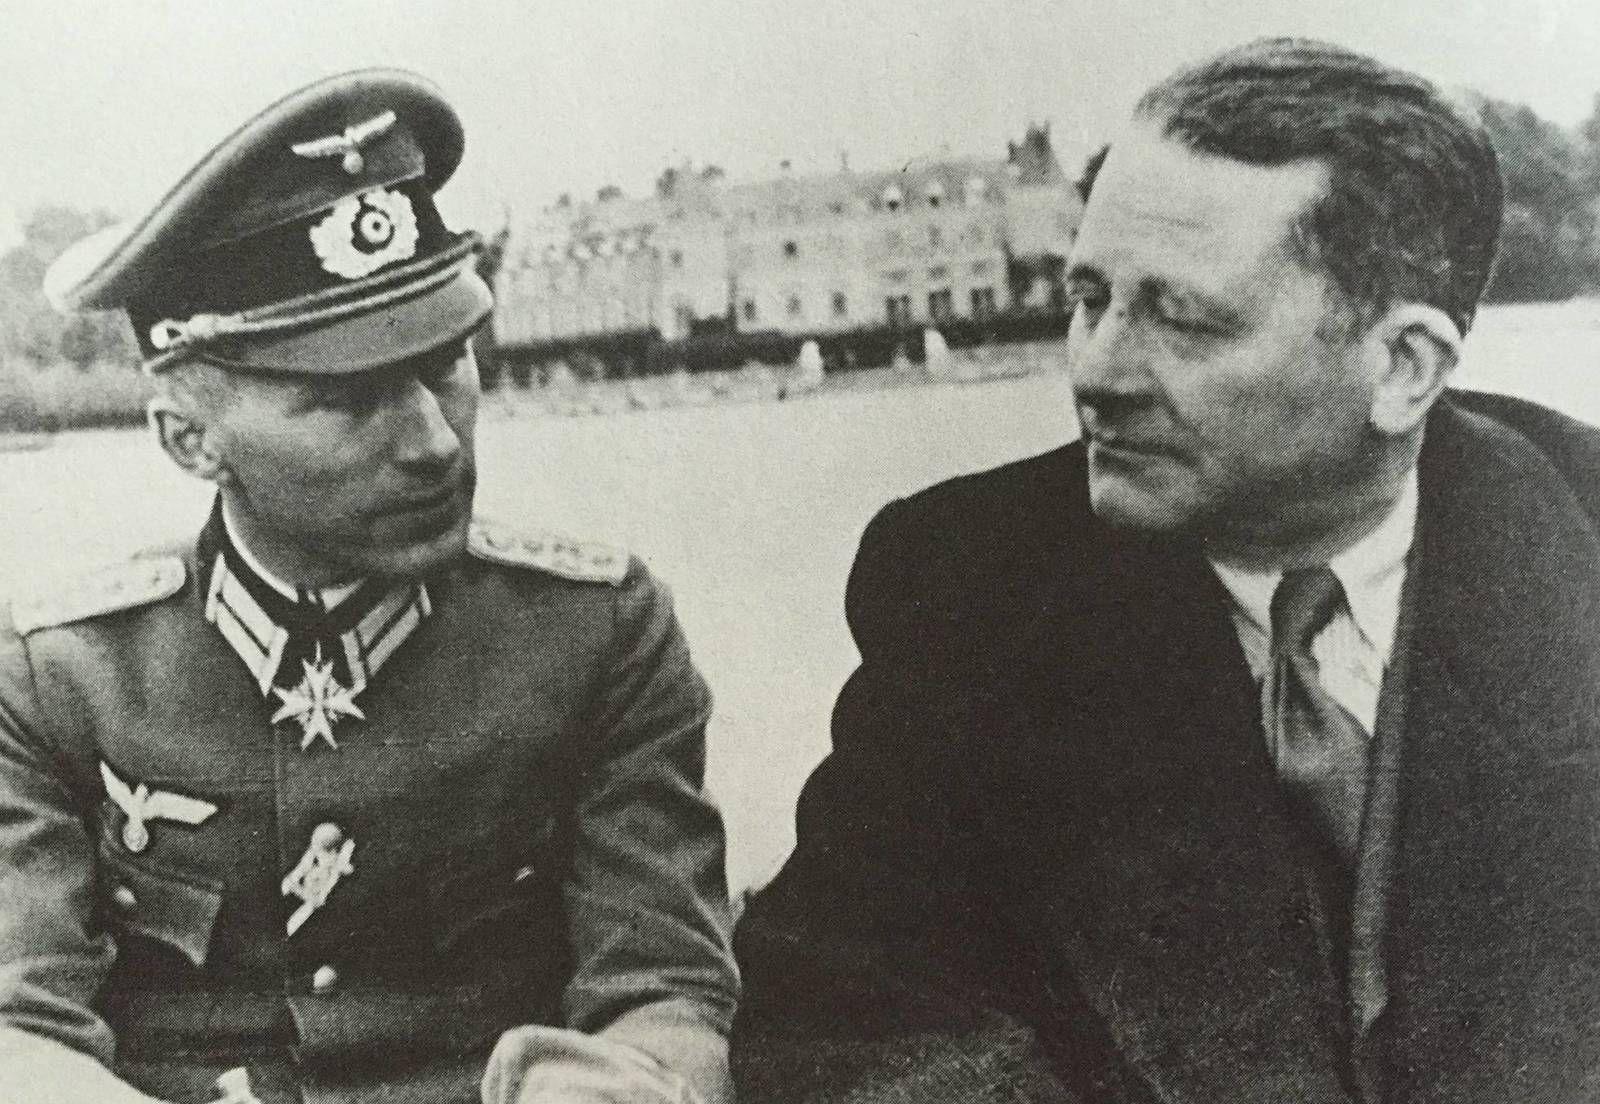 Ernst Jünger (à gauche, en uniforme de l'armée allemande) et Carl Schmitt, en barque, sur le lac, devant le château de Rambouillet, en 1941.